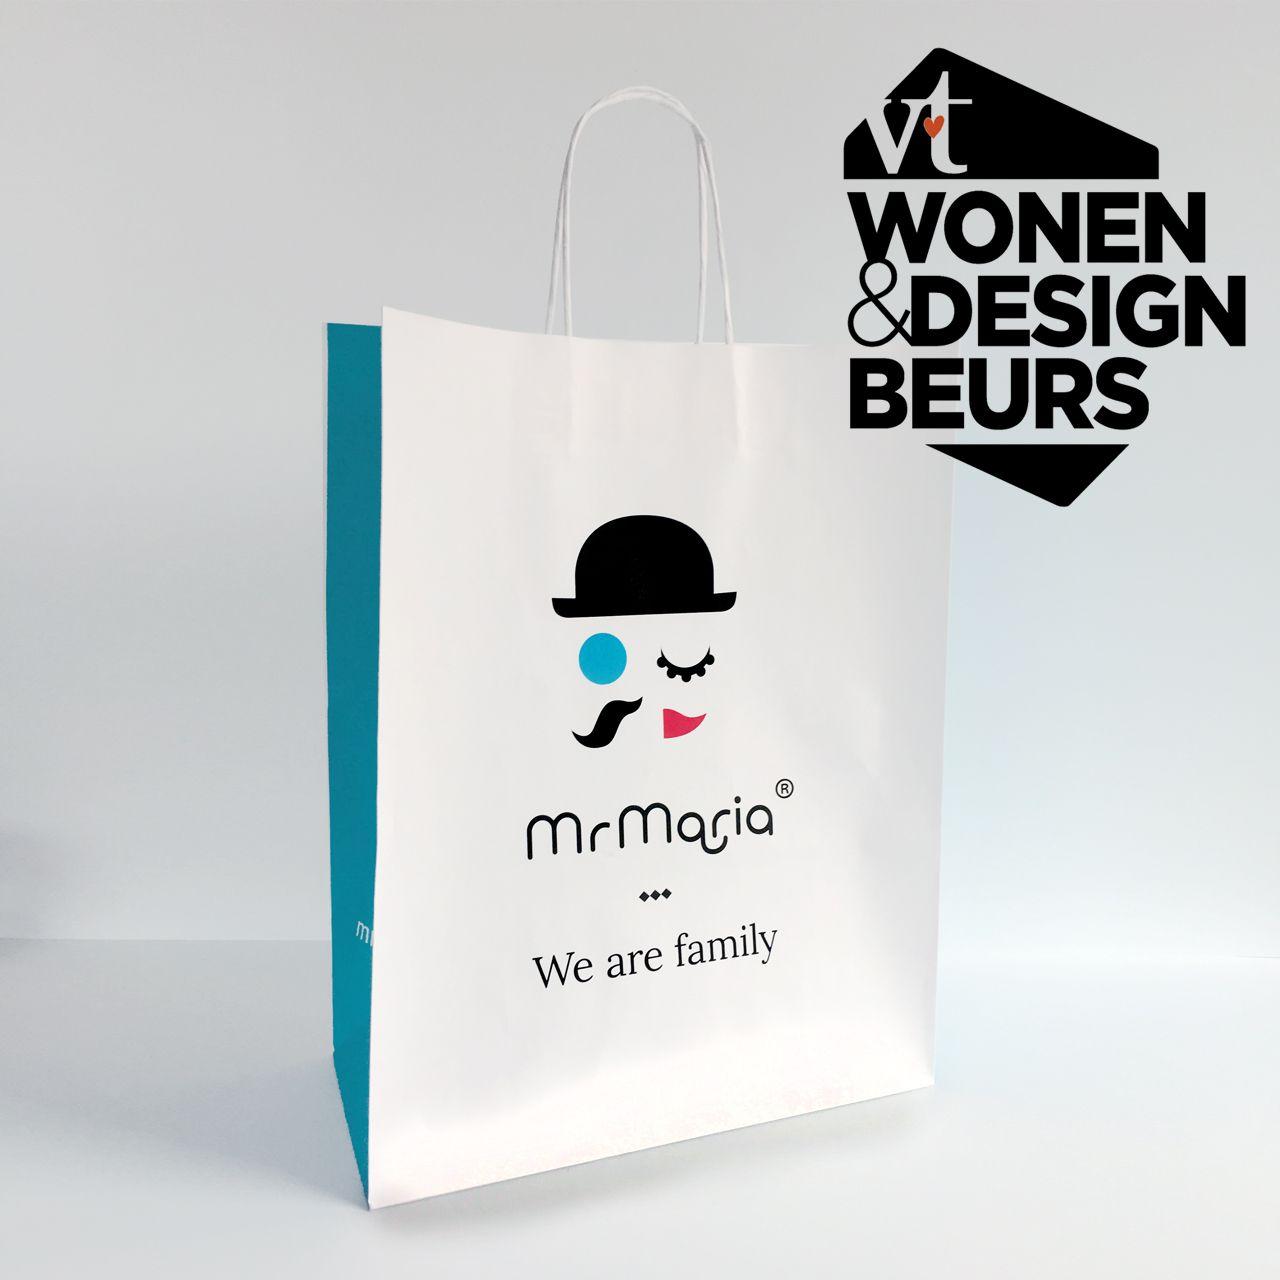 Mr Maria anwesend auf der vt wonen&design Messe 2017